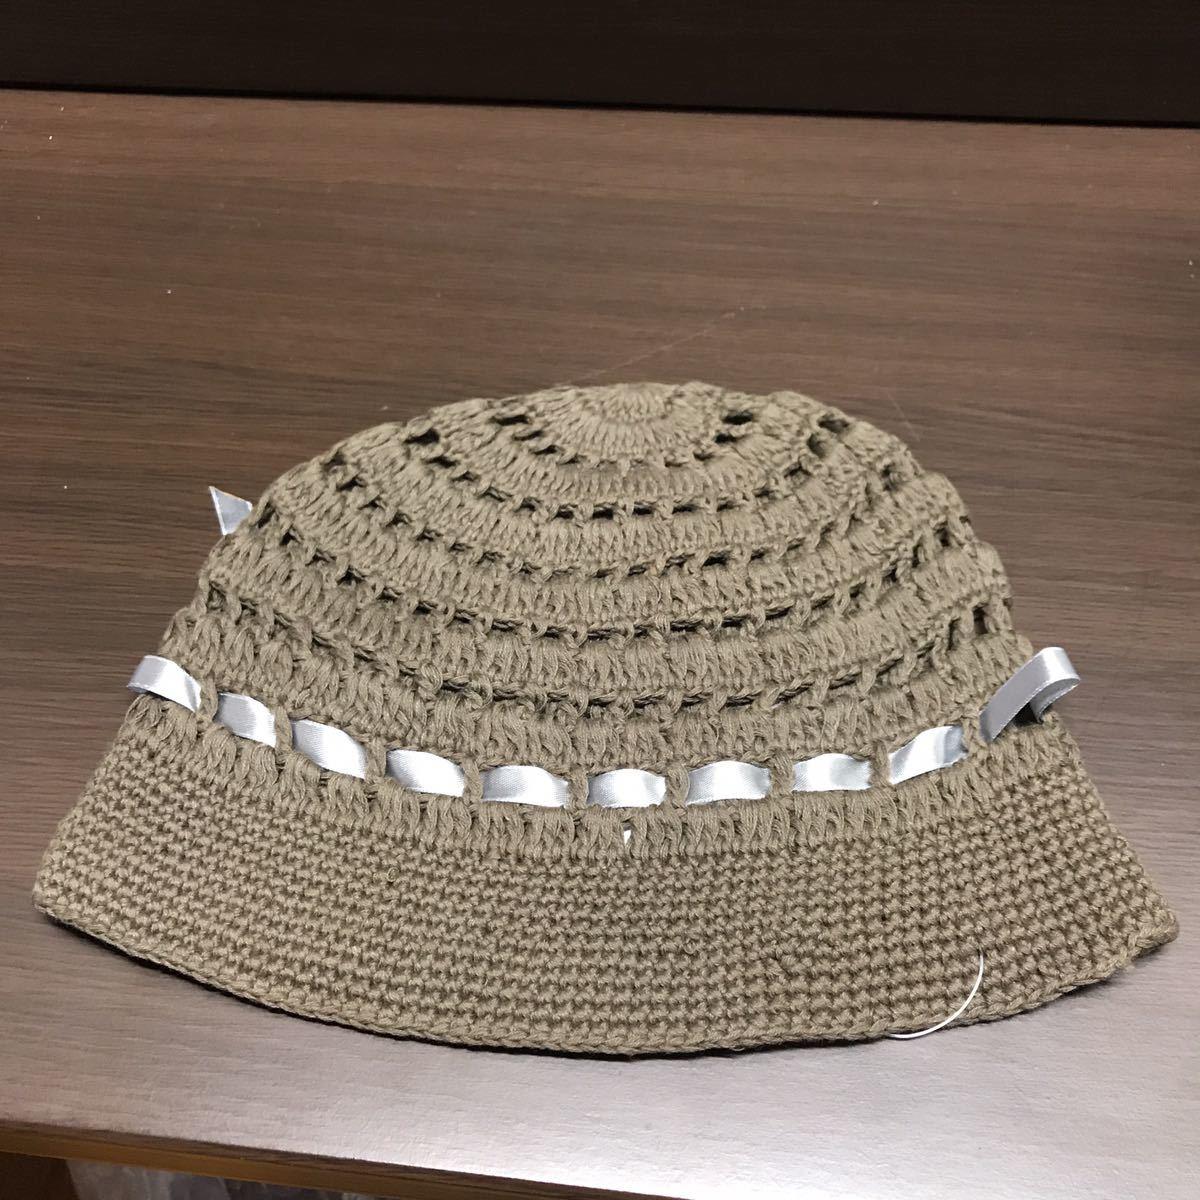 未使用 コットンニットキャップ レディース ブラウン系 リボンのワンポイントニット帽 ハンドメイド_画像2